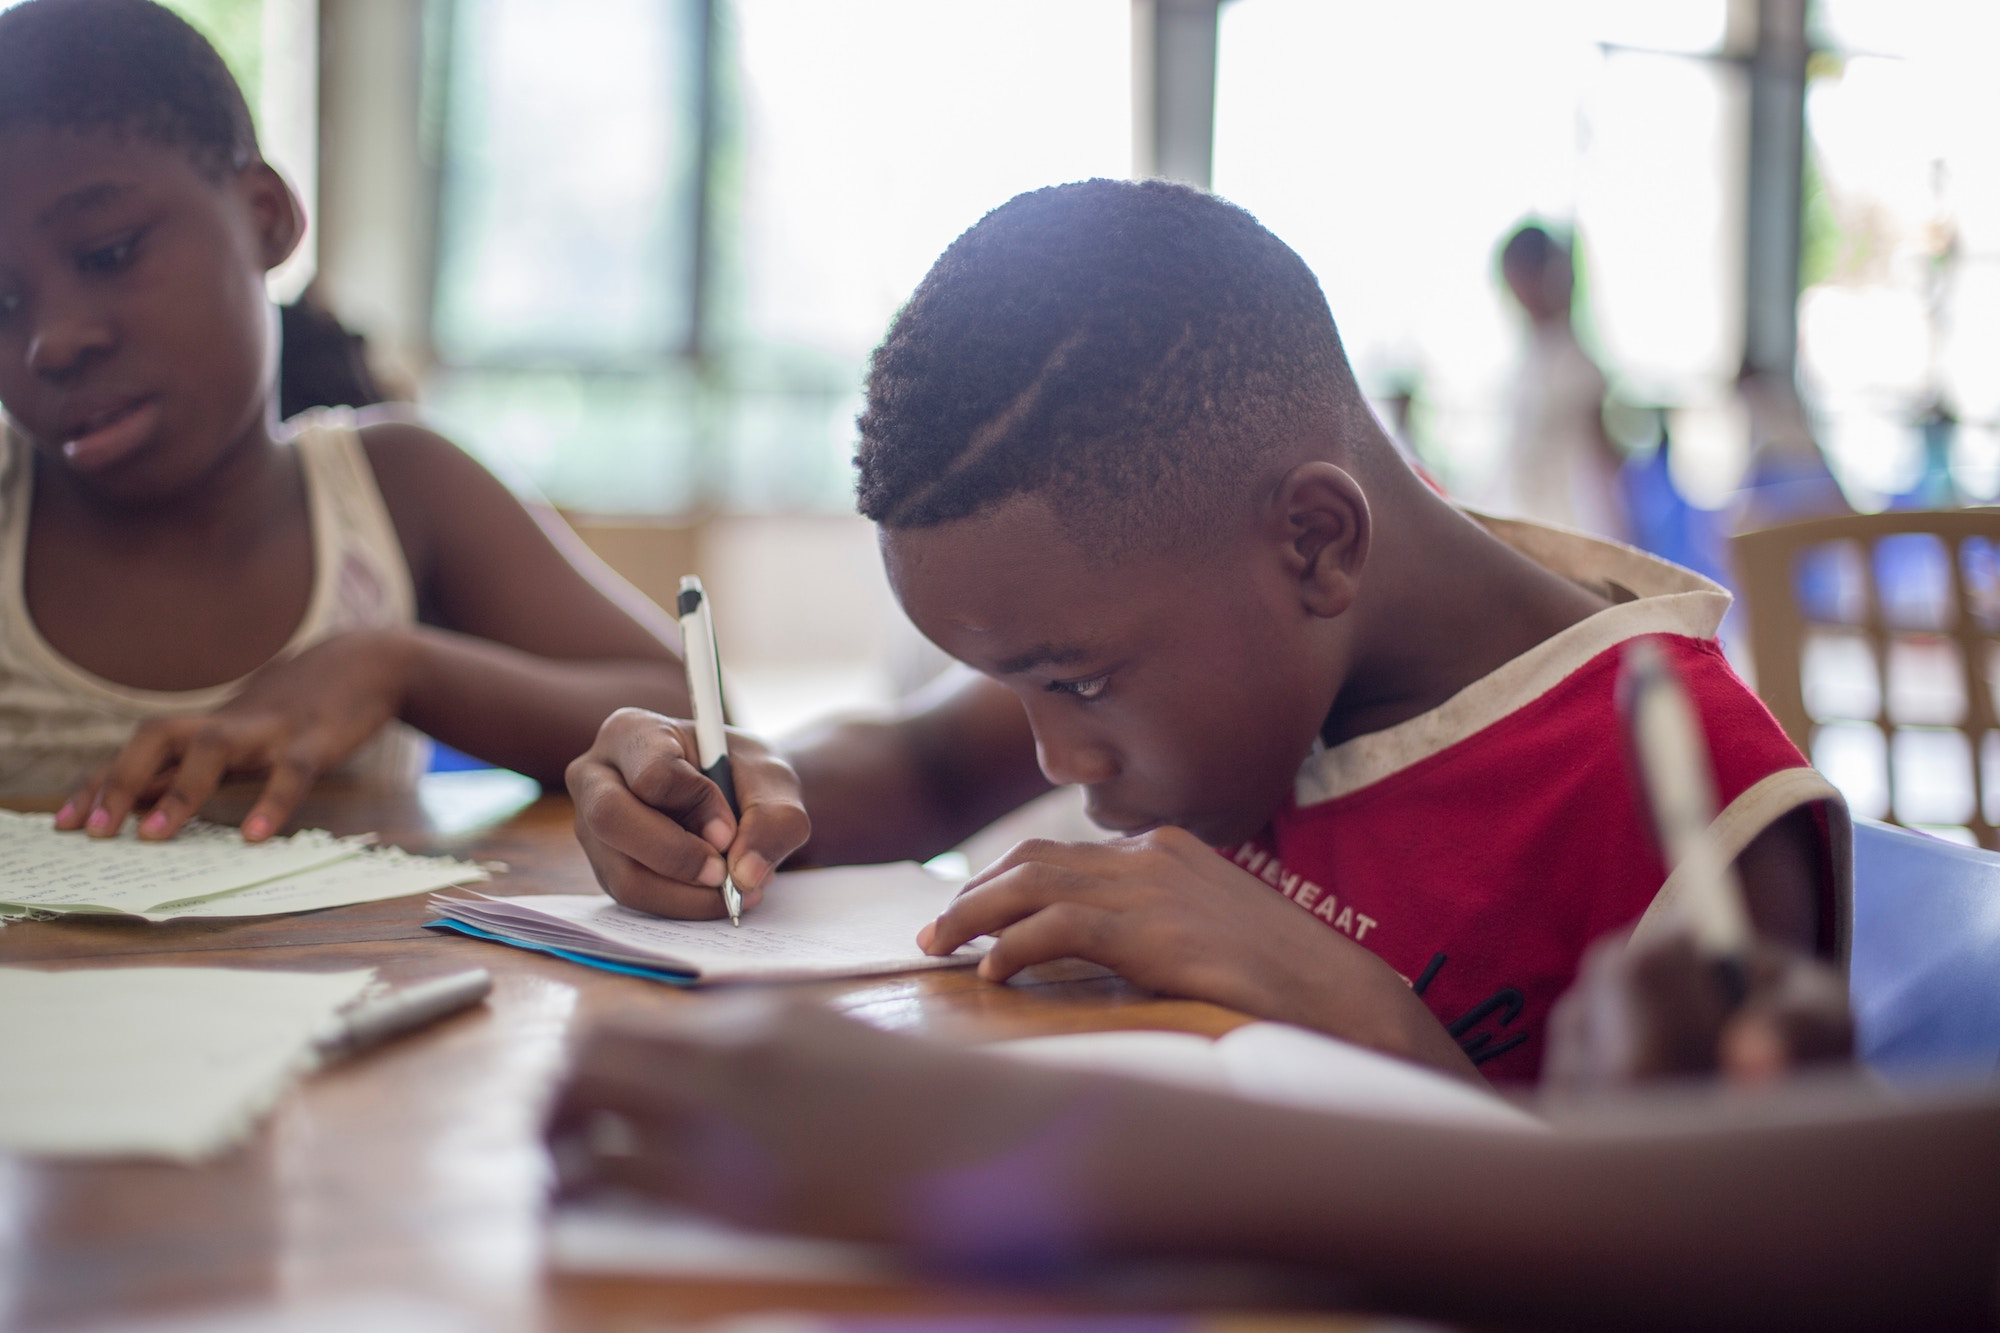 Three black children sit down to do their homework